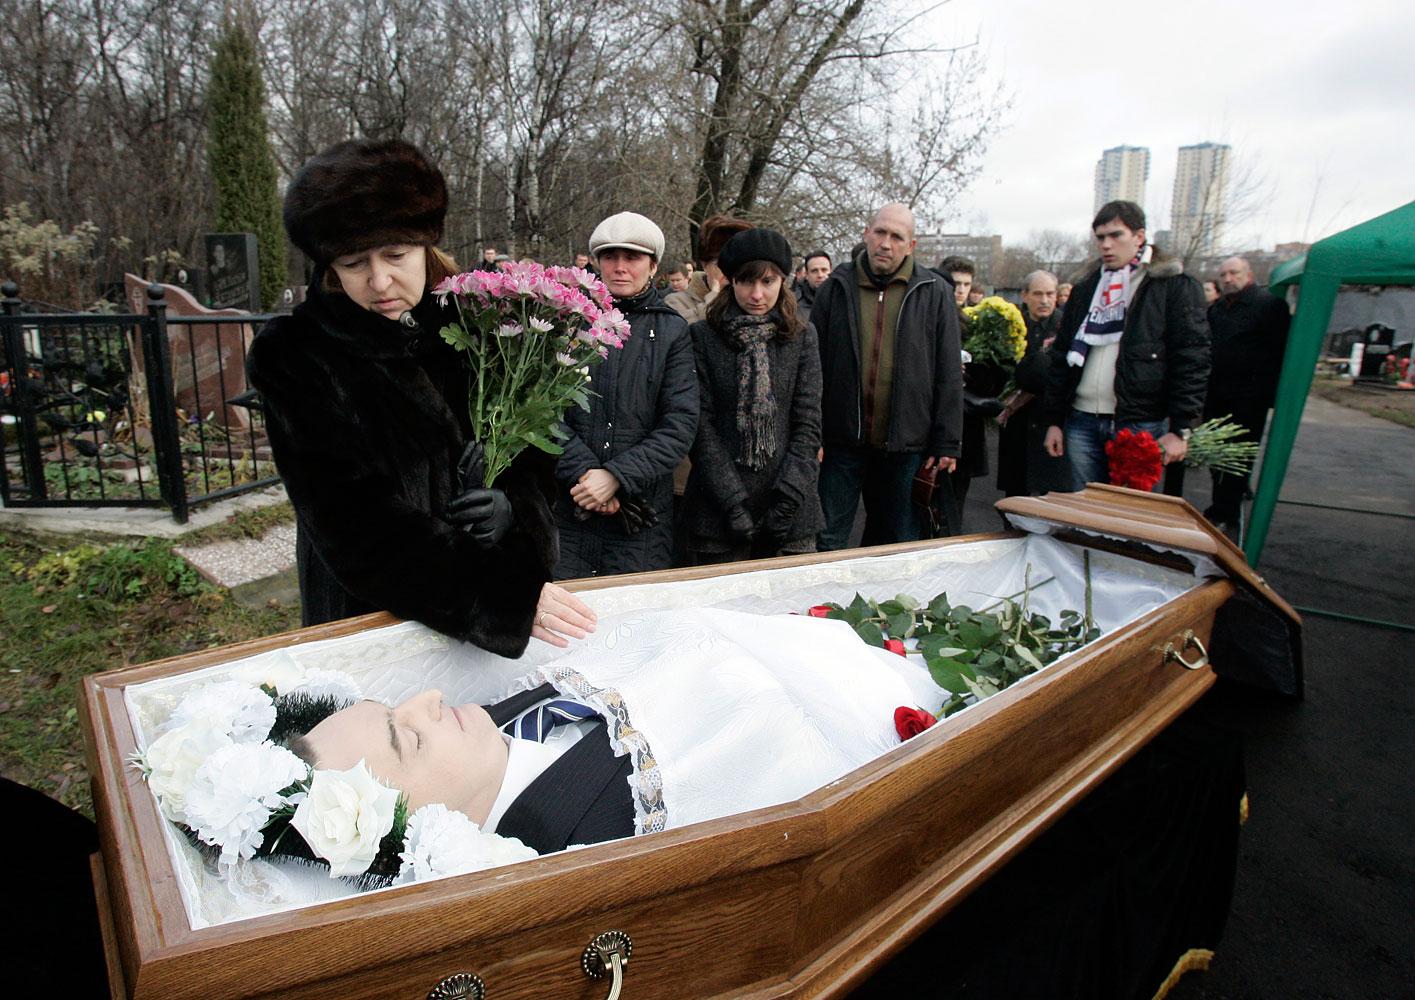 Nataliya Magnitskaya (L), mare de Sergei Magnitsky, pateix el cos del seu fill durant el seu funeral al cementiri de Moscou